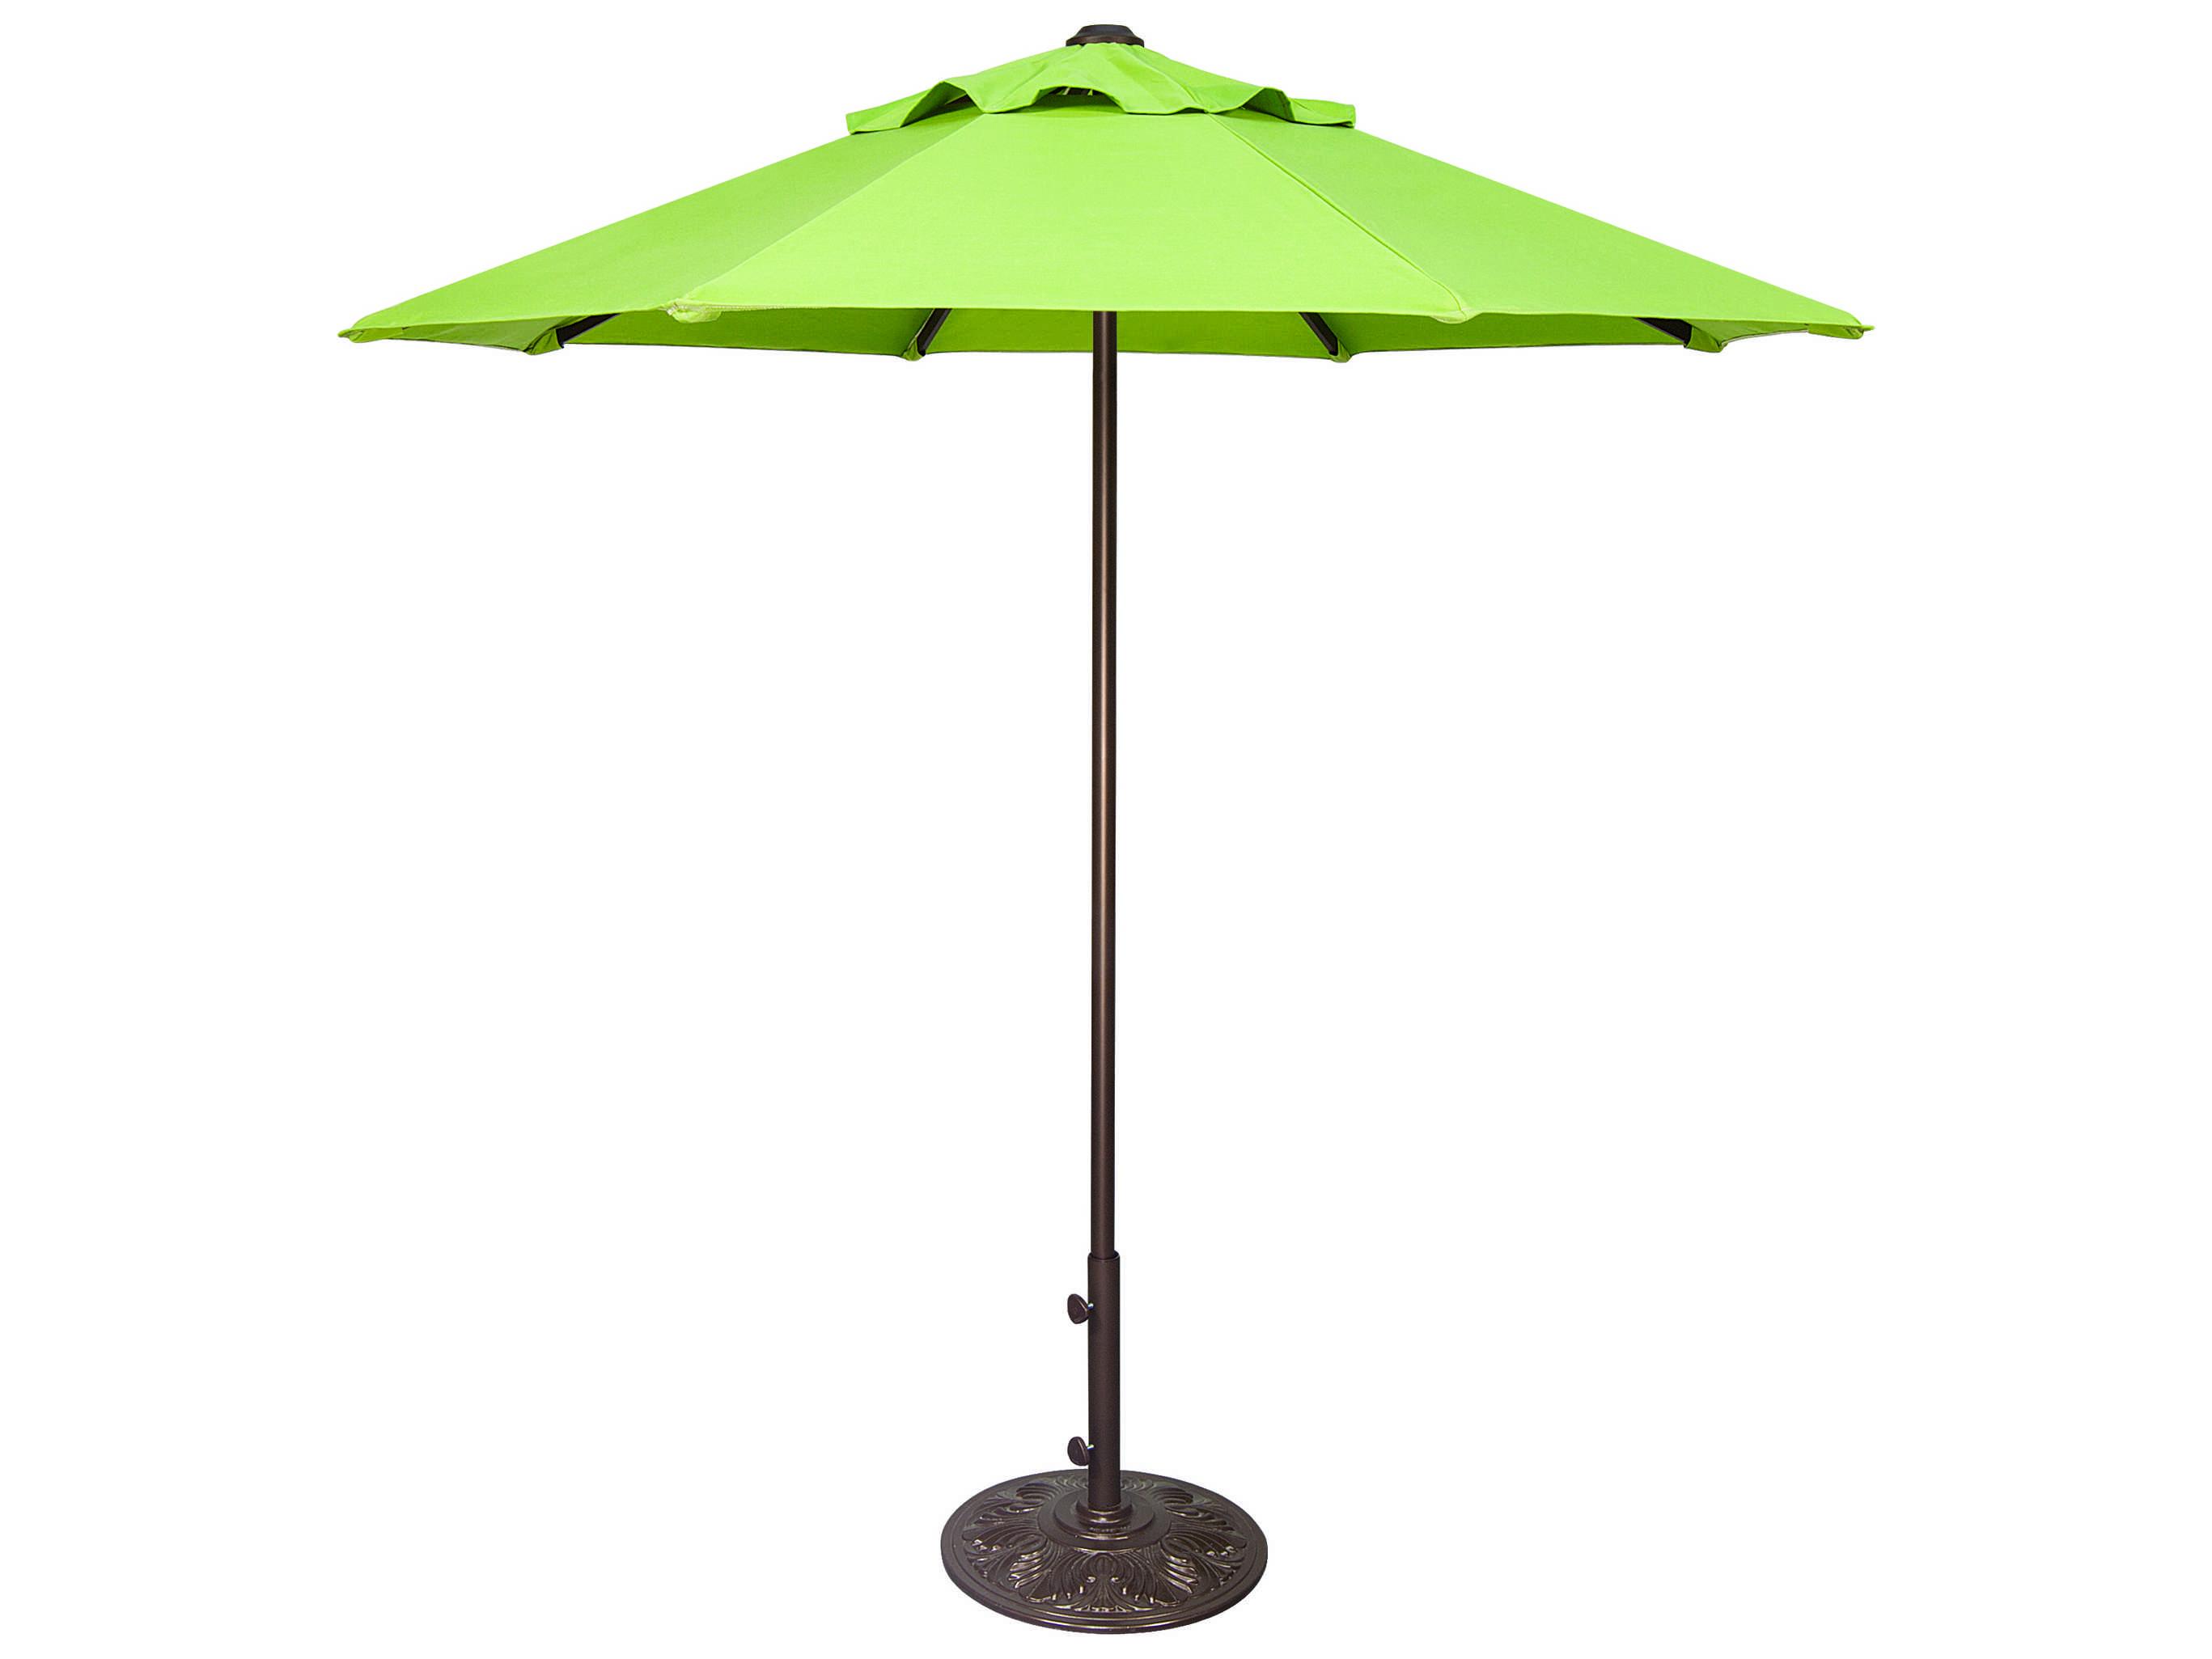 Treasure Garden Commercial Aluminum 7 5 39 Feet Wide Push Up Lift Umbrella Ucp407